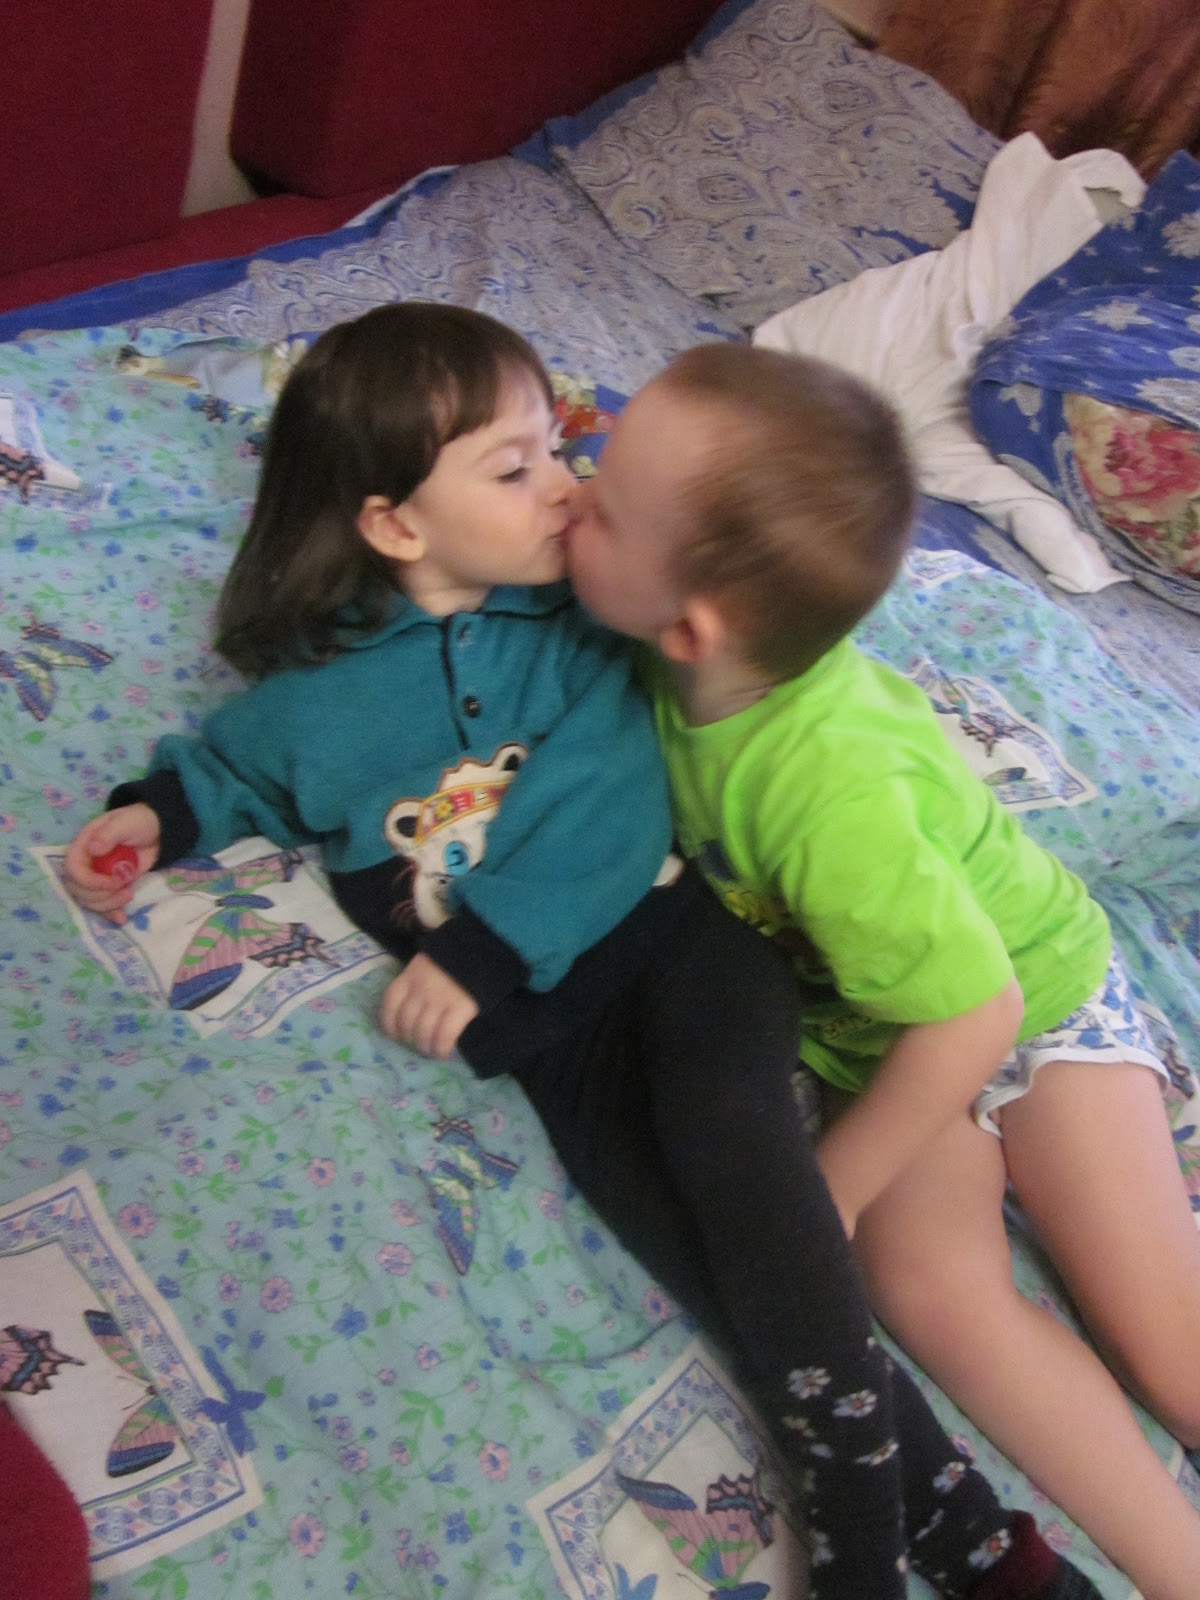 Инцест порно брат и сестра, брат трахает сестру - смотреть ...